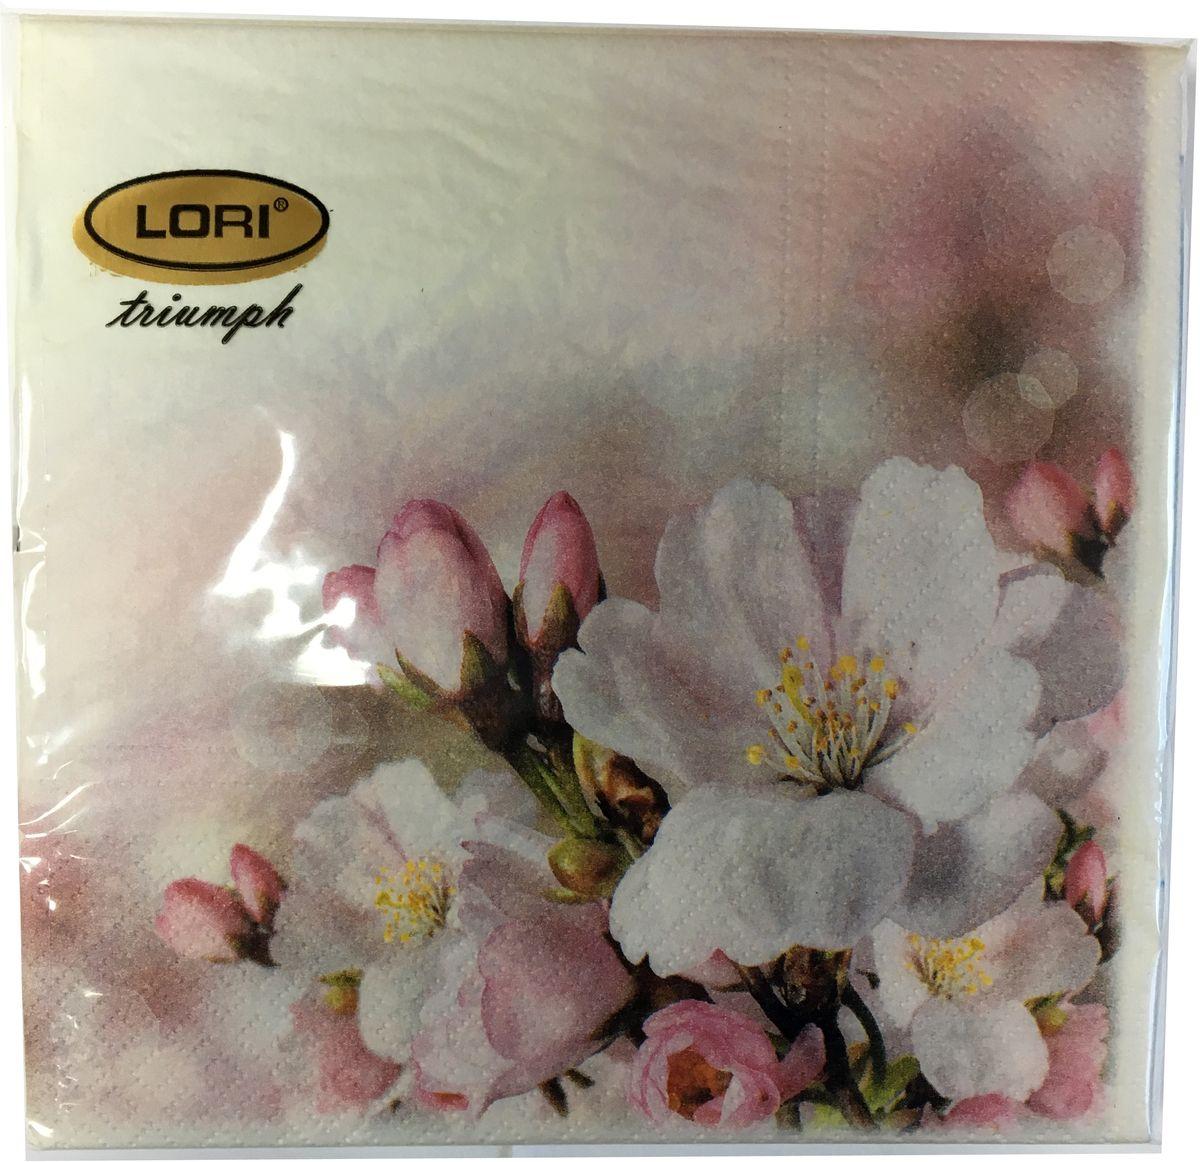 Салфетки бумажные Lori Triumph, трехслойные, цвет: белый, розовый, 33 х 33 см, 30 шт. 5661256612Декоративные трехслойные салфетки Lori Triumph выполнены из 100% целлюлозы и оформлены ярким рисунком. Изделия станут отличным дополнением любого праздничного стола. Они отличаются необычной мягкостью, прочностью и оригинальностью.Размер салфеток в развернутом виде: 33 х 33 см.